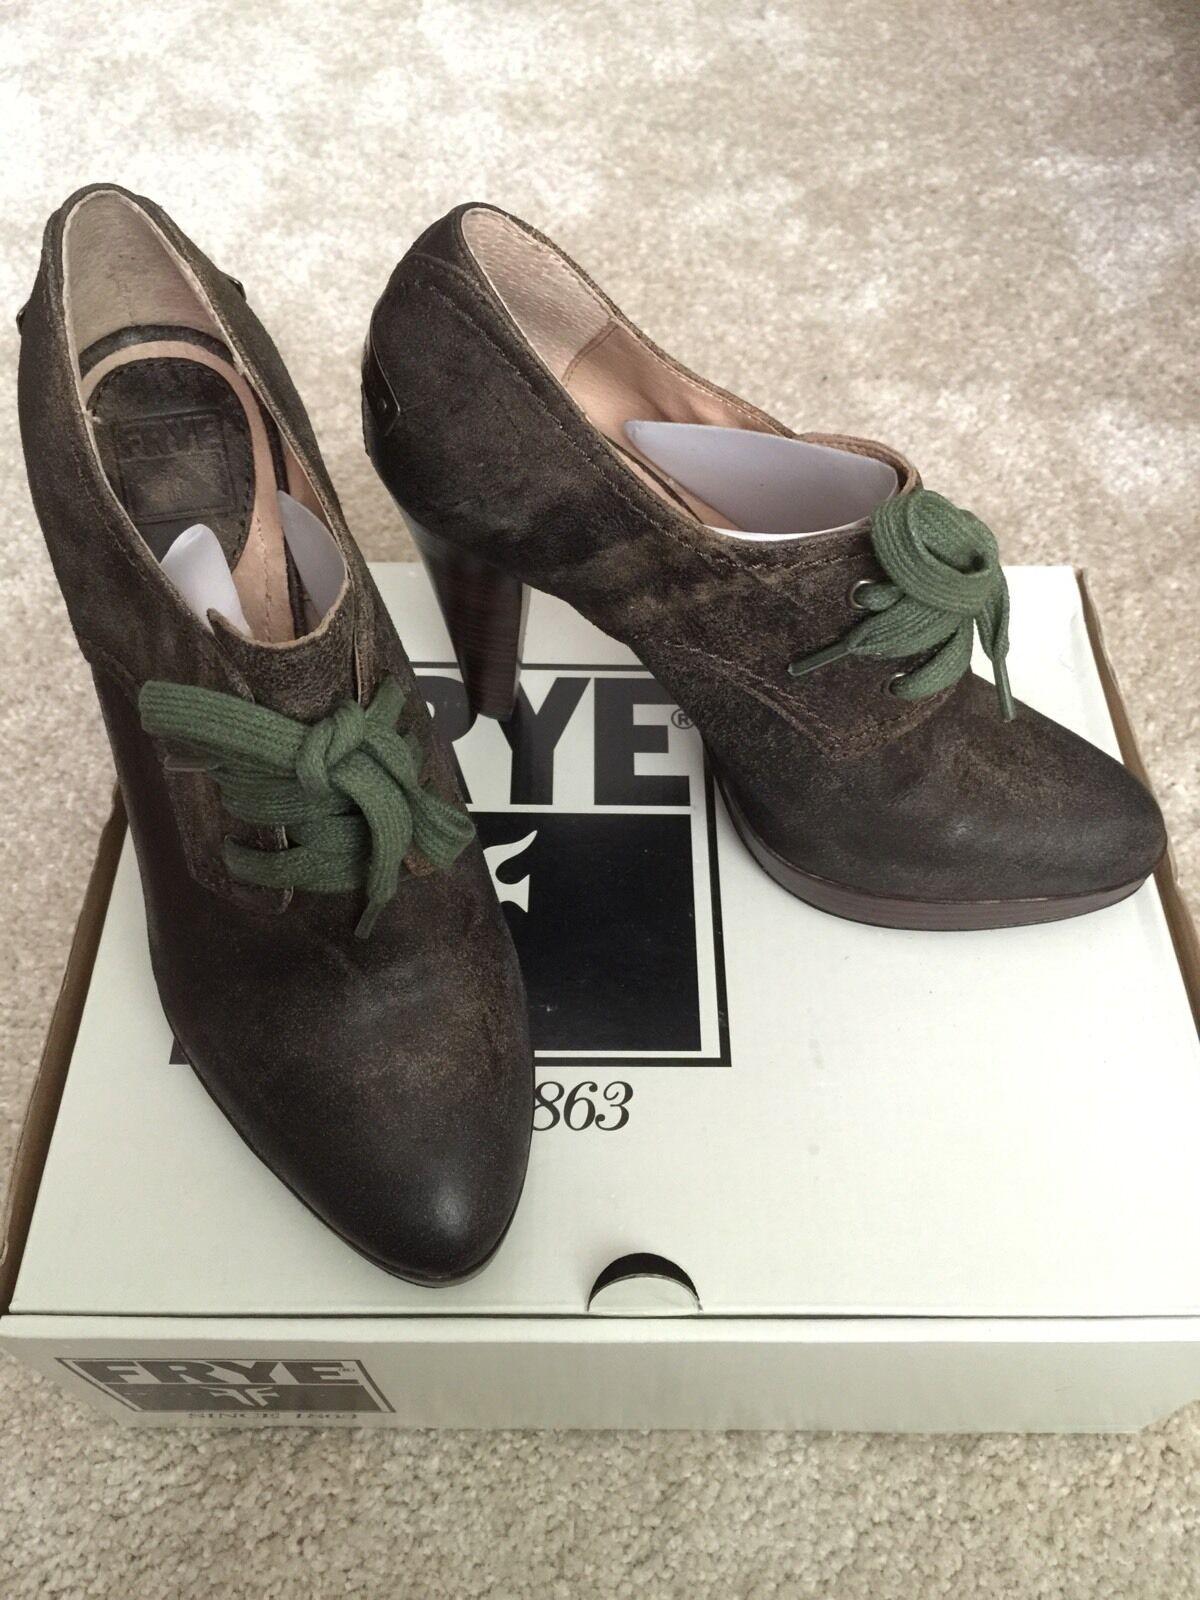 Frye Harlow Oxford Günstige und gute Schuhe